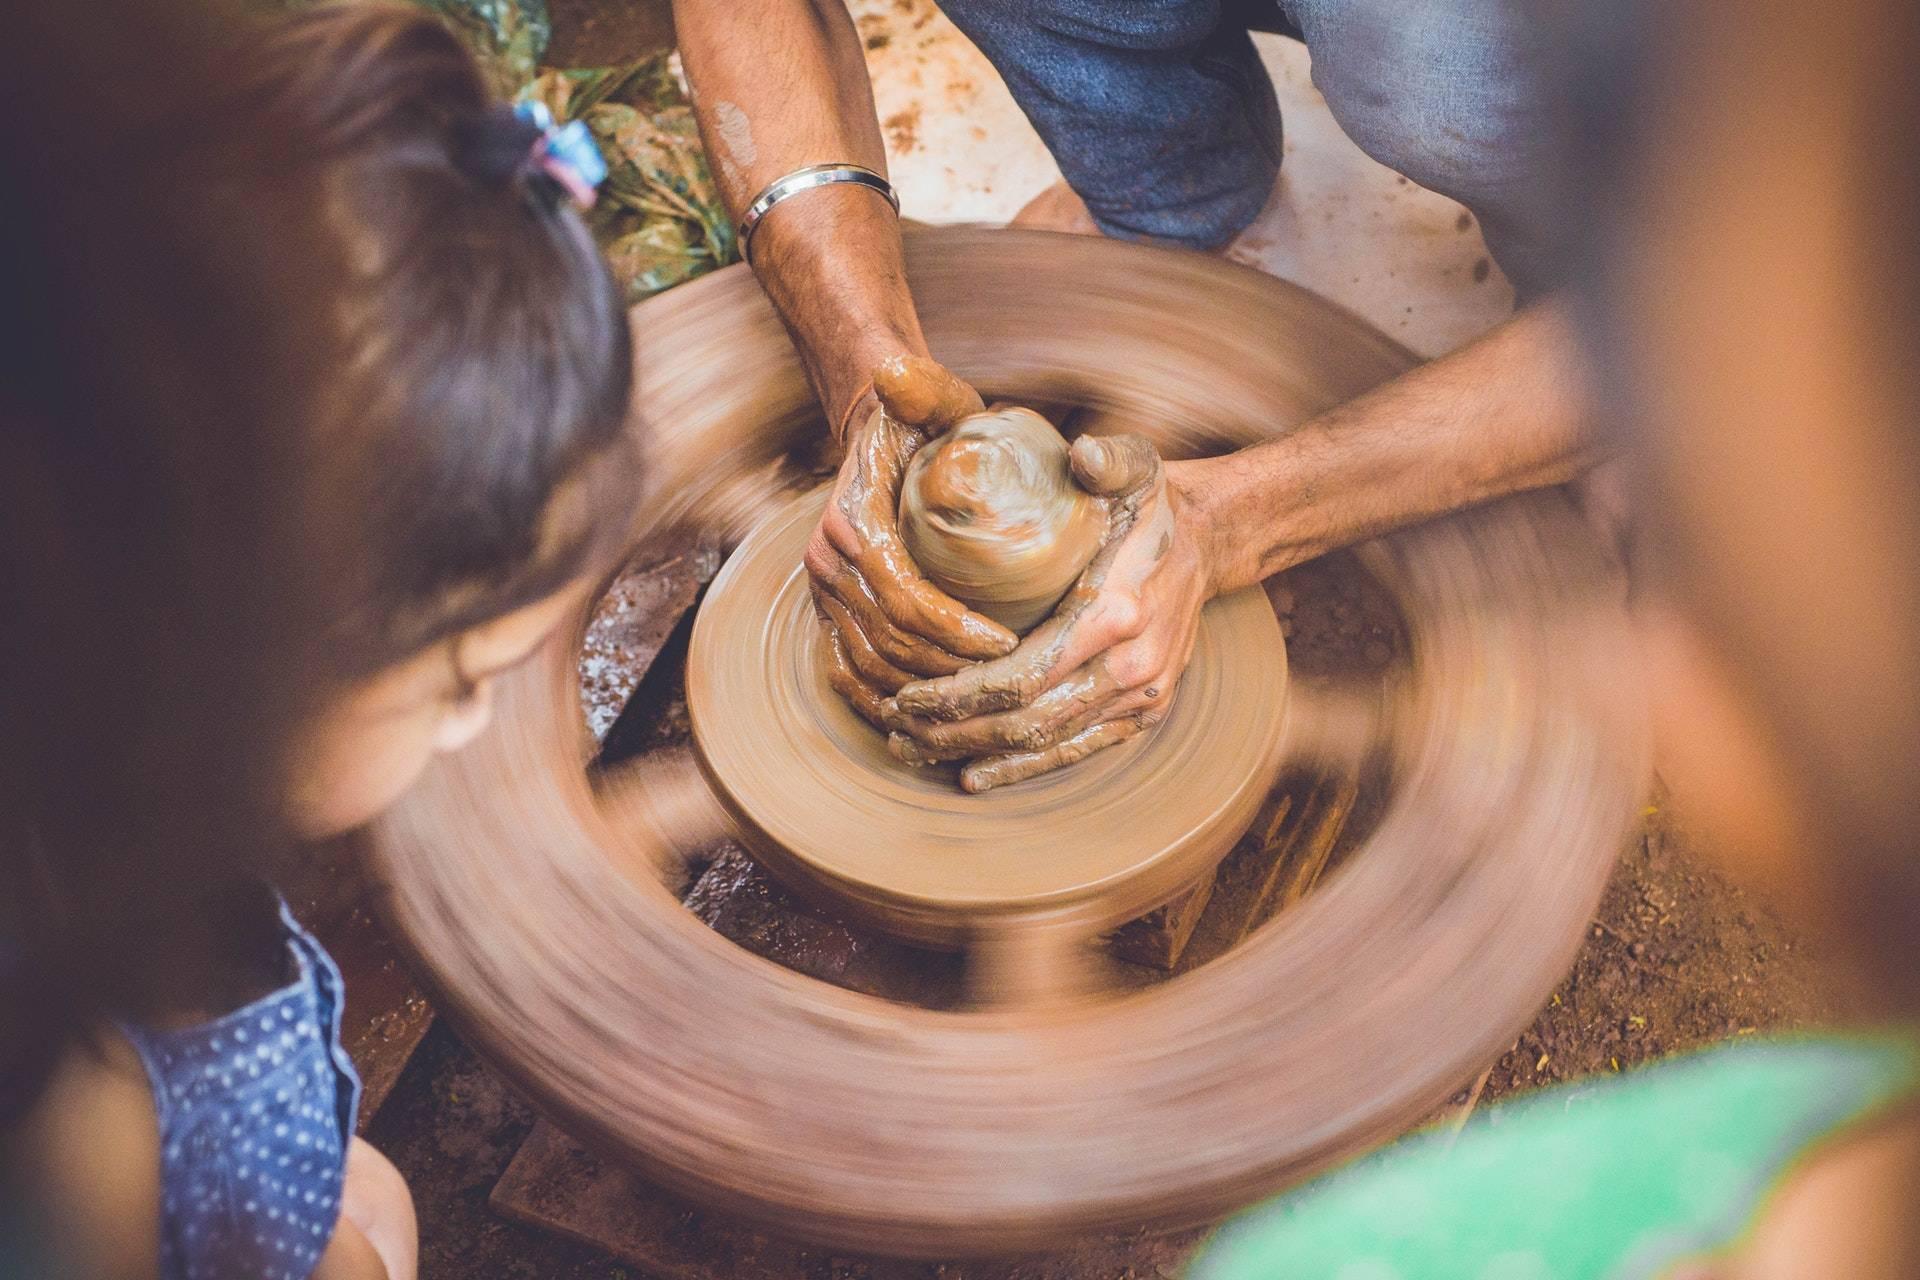 420 friends enjoying clay